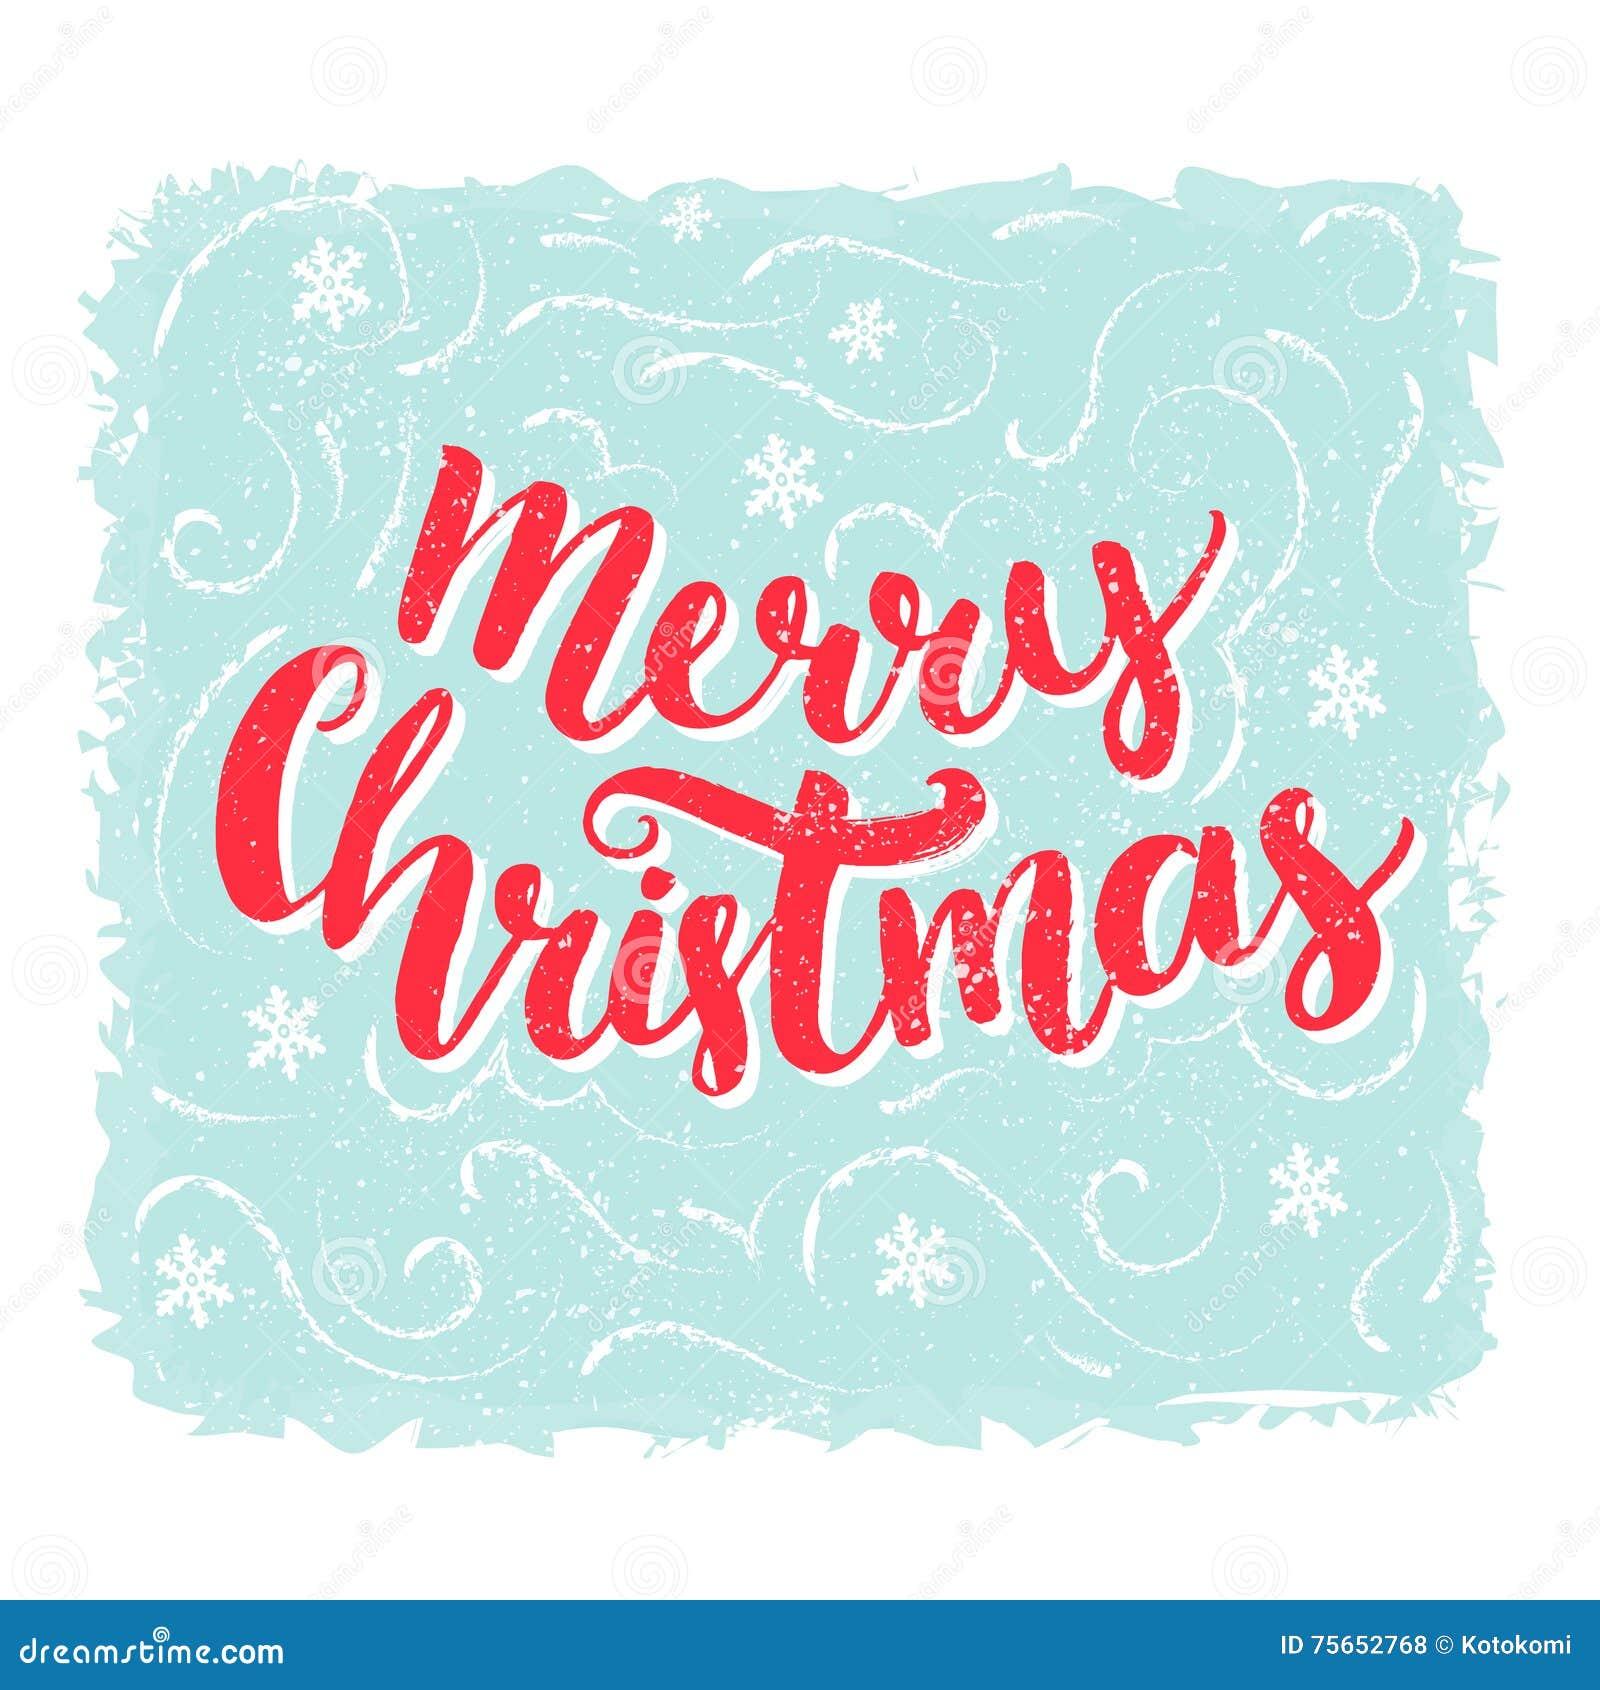 Parole Di Buon Natale.Parole Di Buon Natale Testo Dell Iscrizione Della Spazzola A